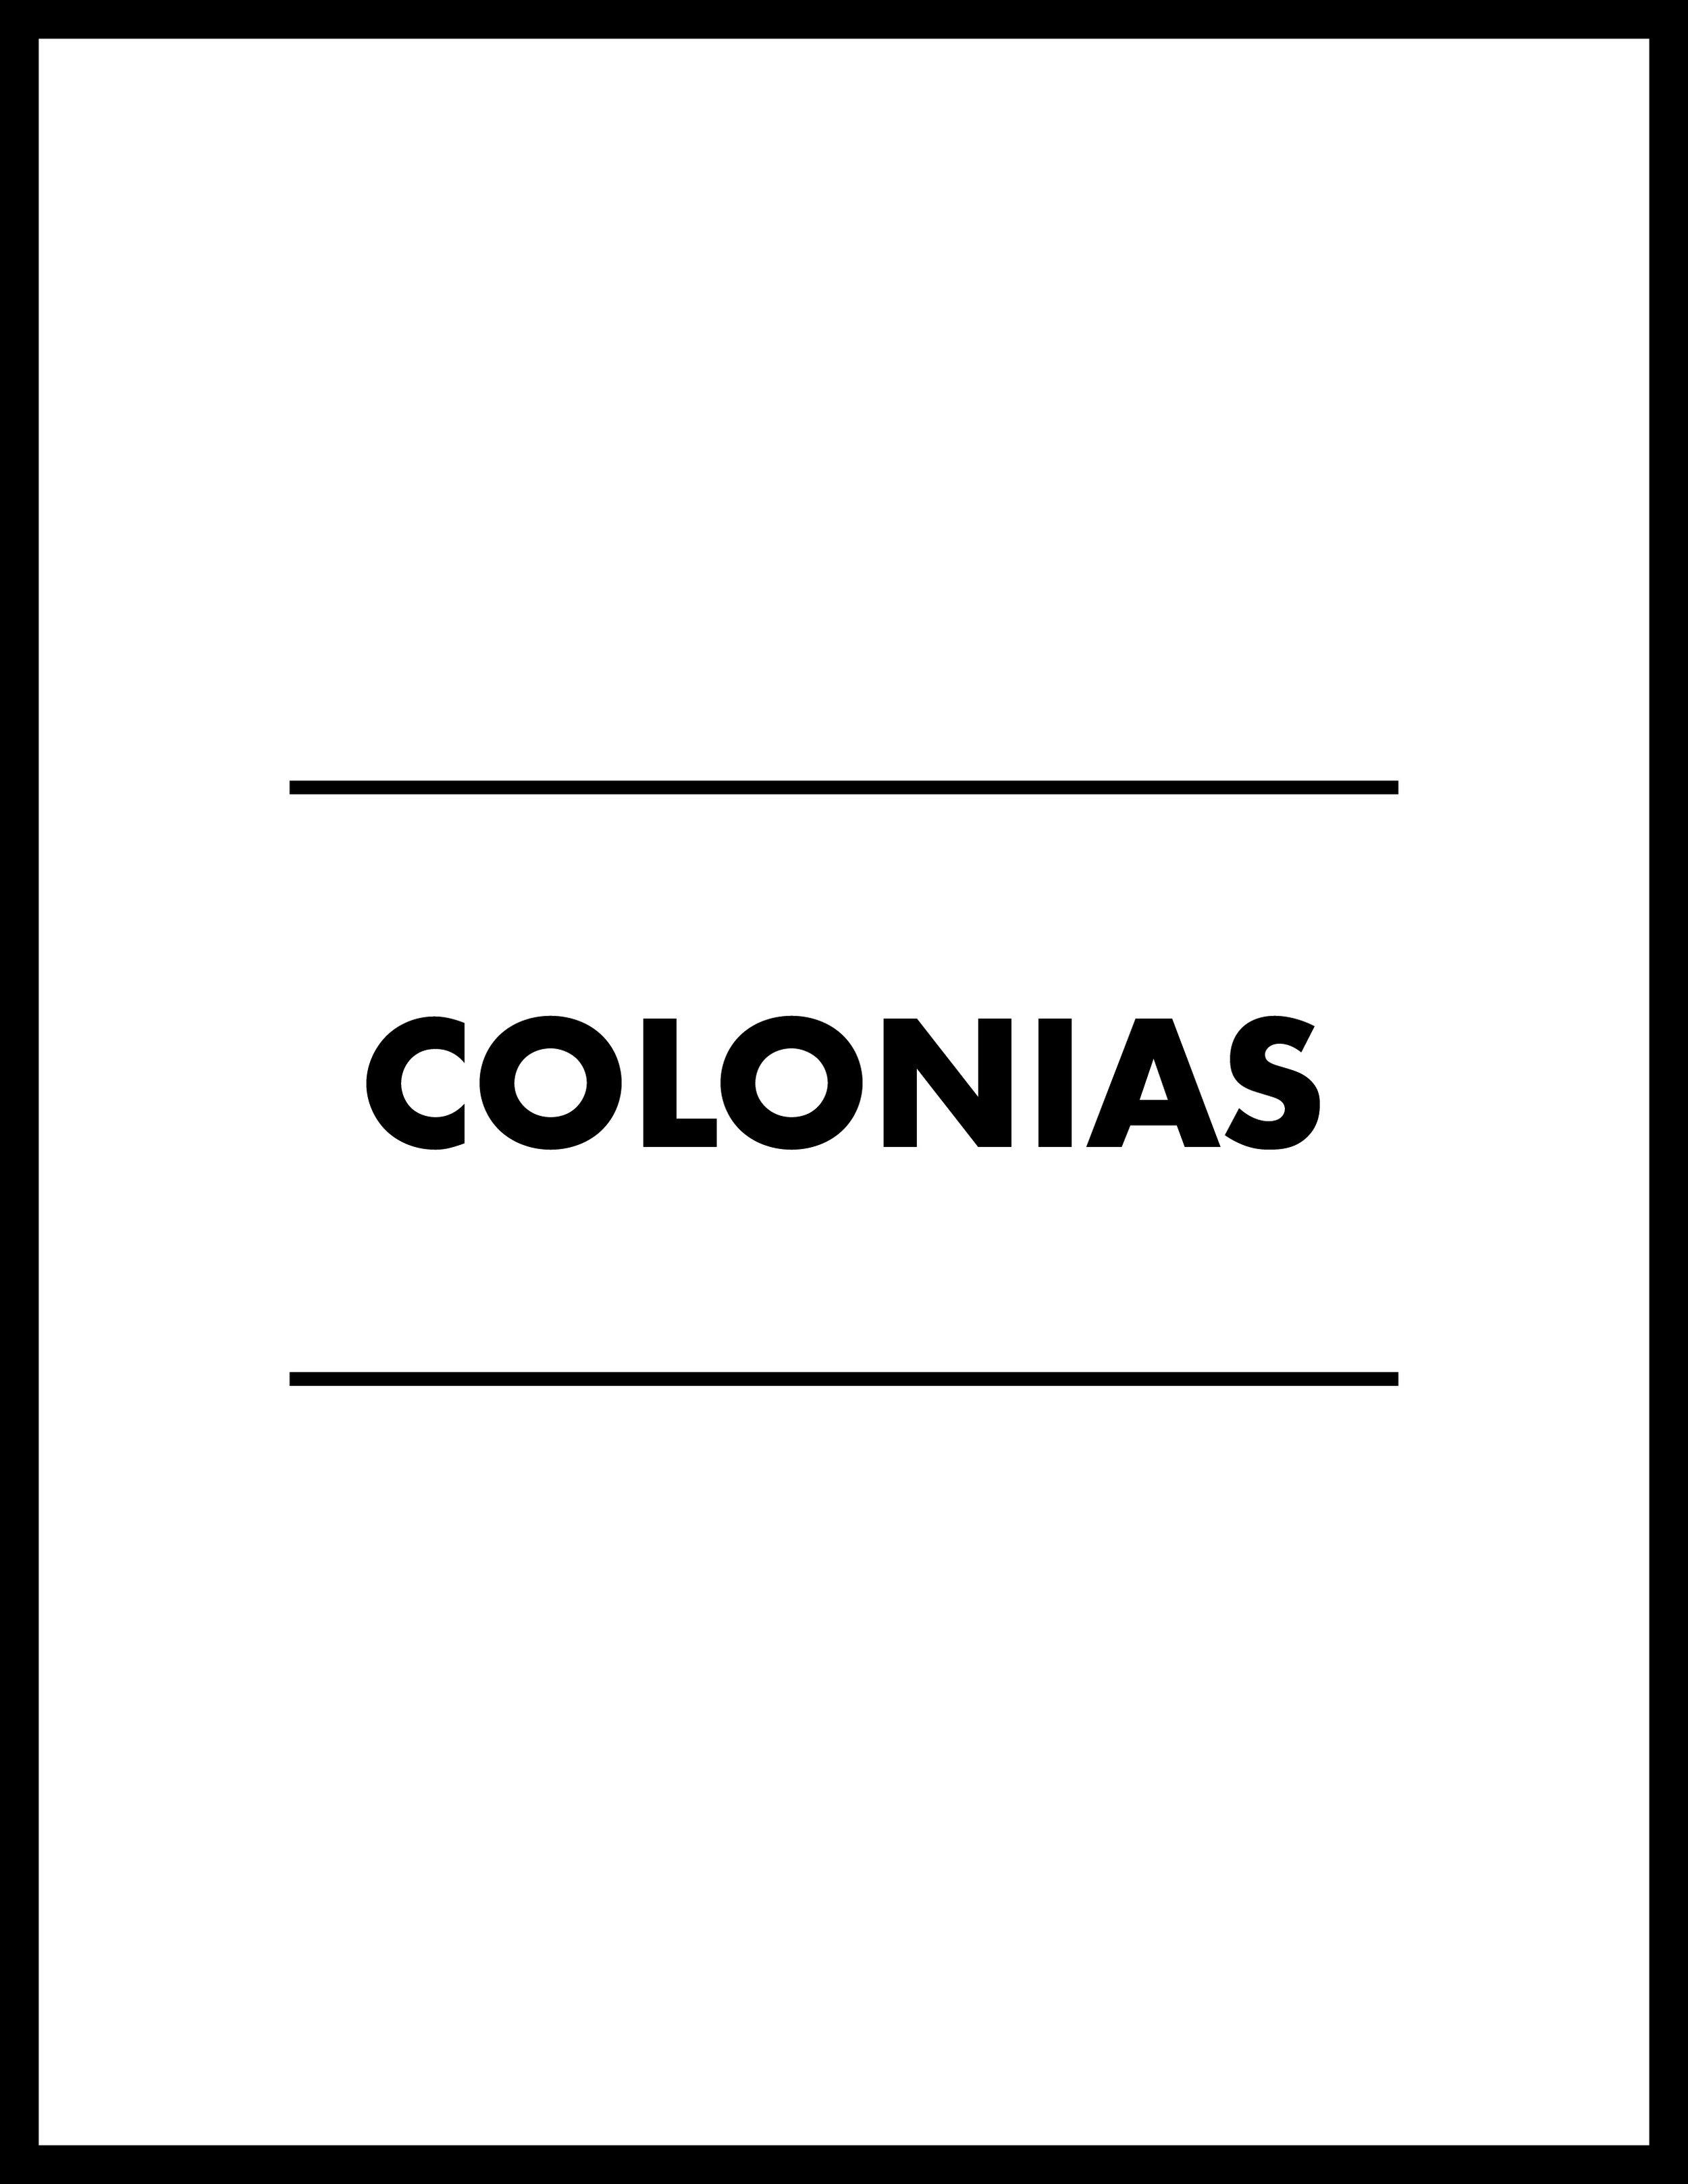 Colonias-01.jpg